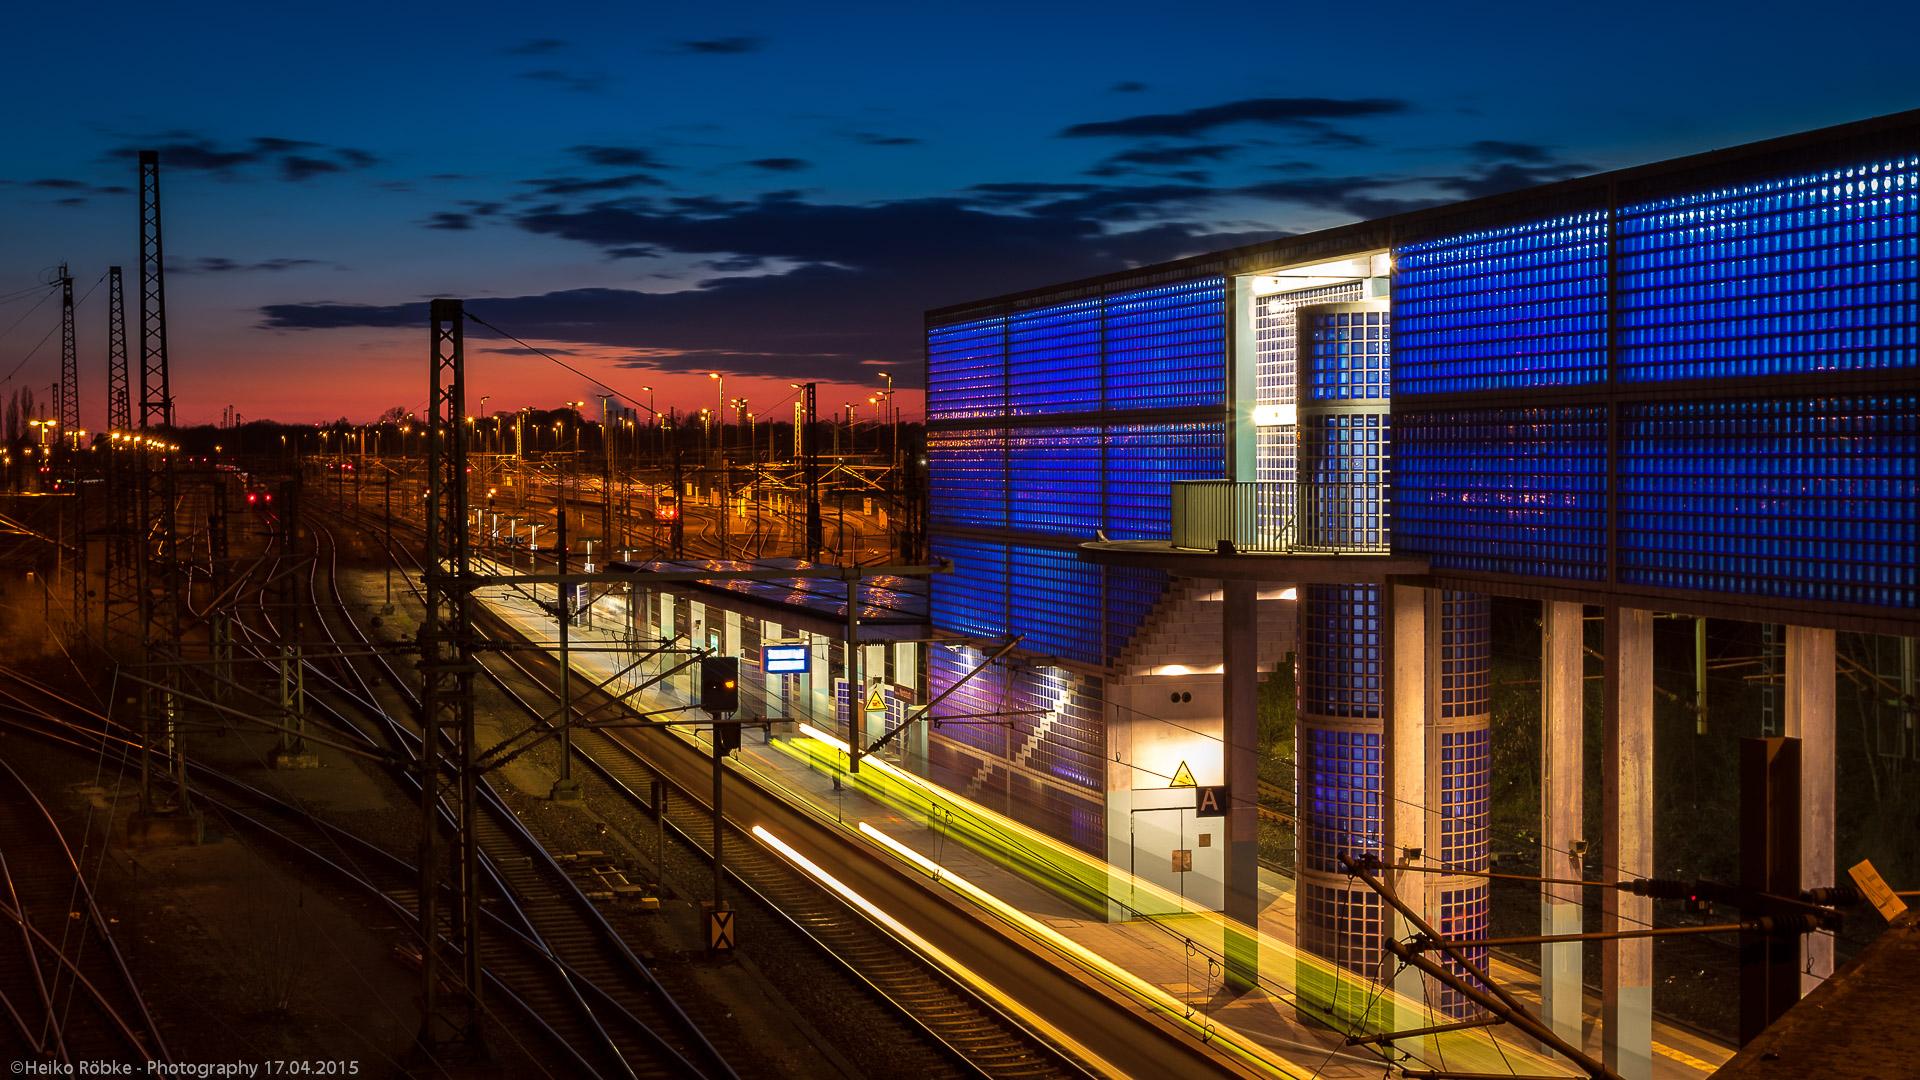 Bahnhof / station Hannover Nordstadt